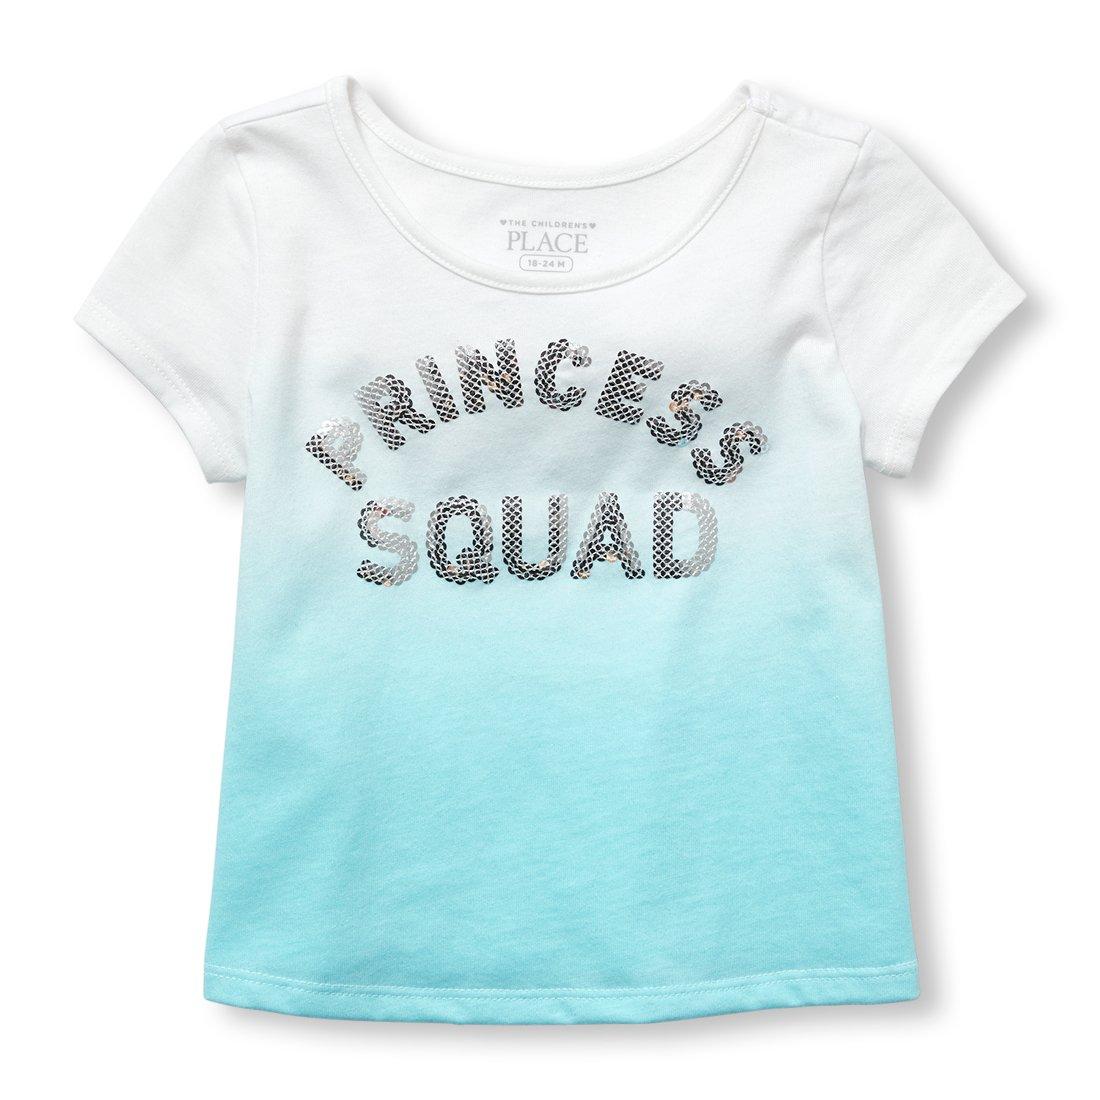 The Children's Place Girls' Short Sleeve T-Shirt